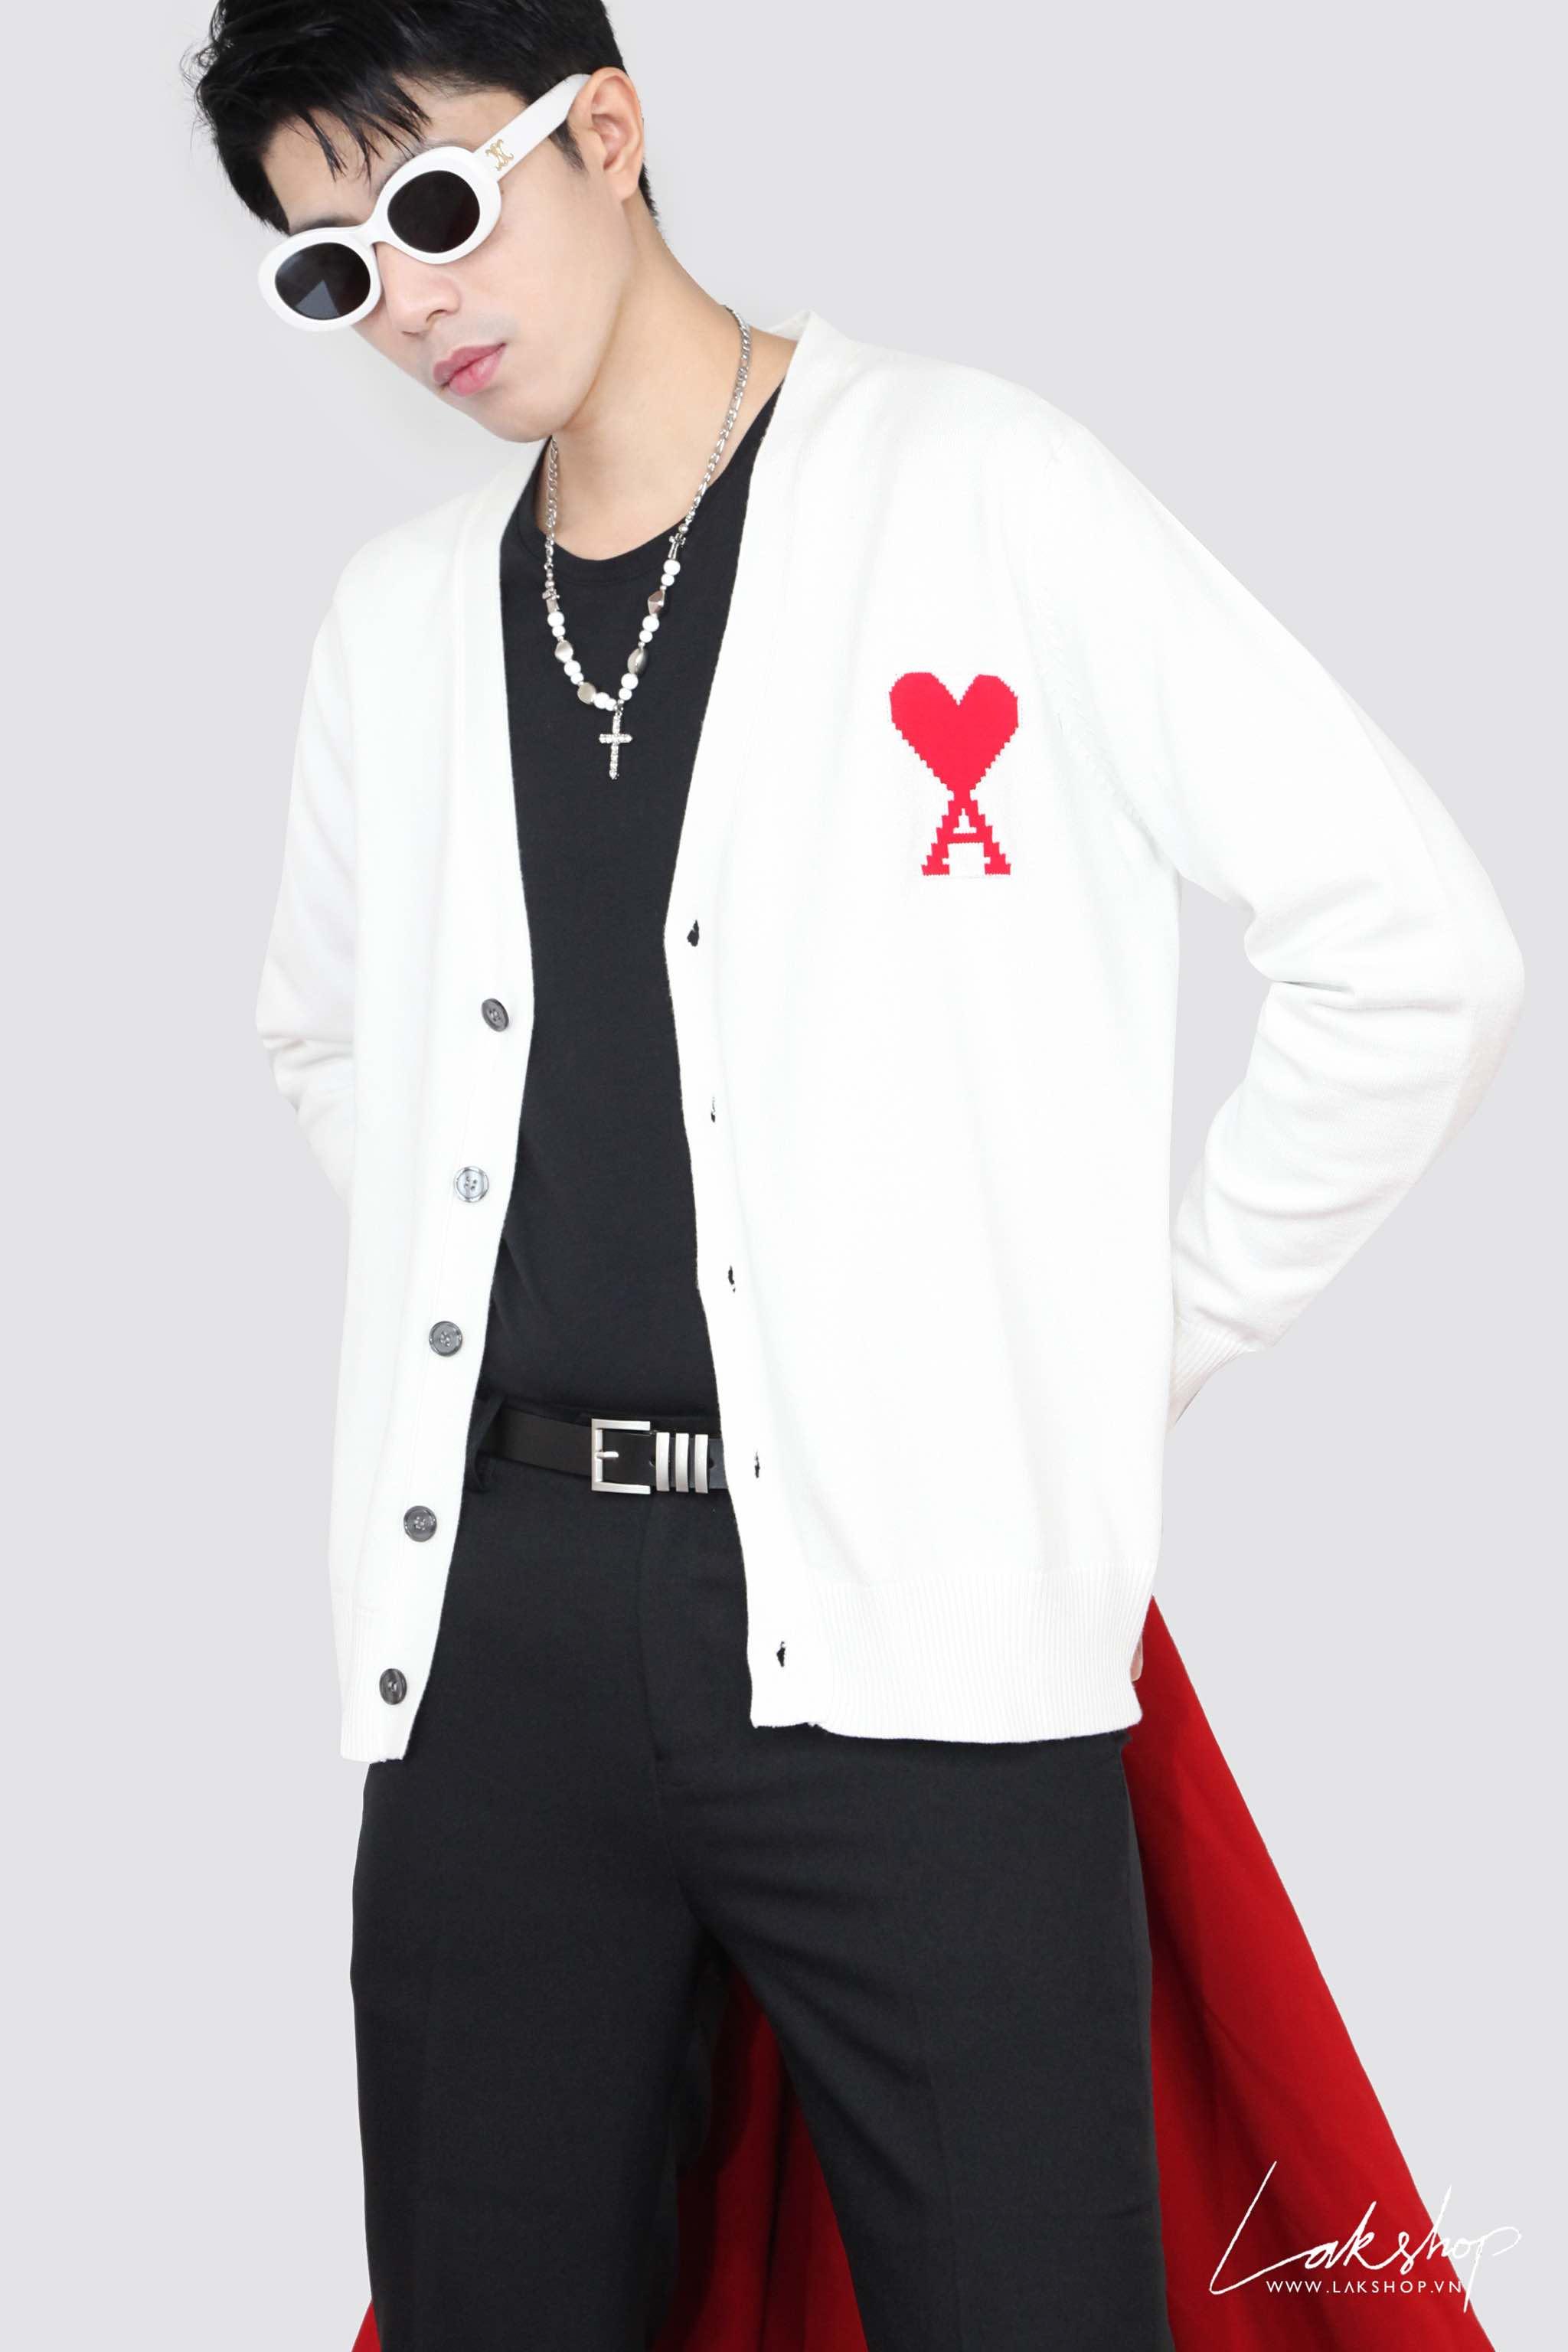 Burberry Signature White Polo Shirt cv2